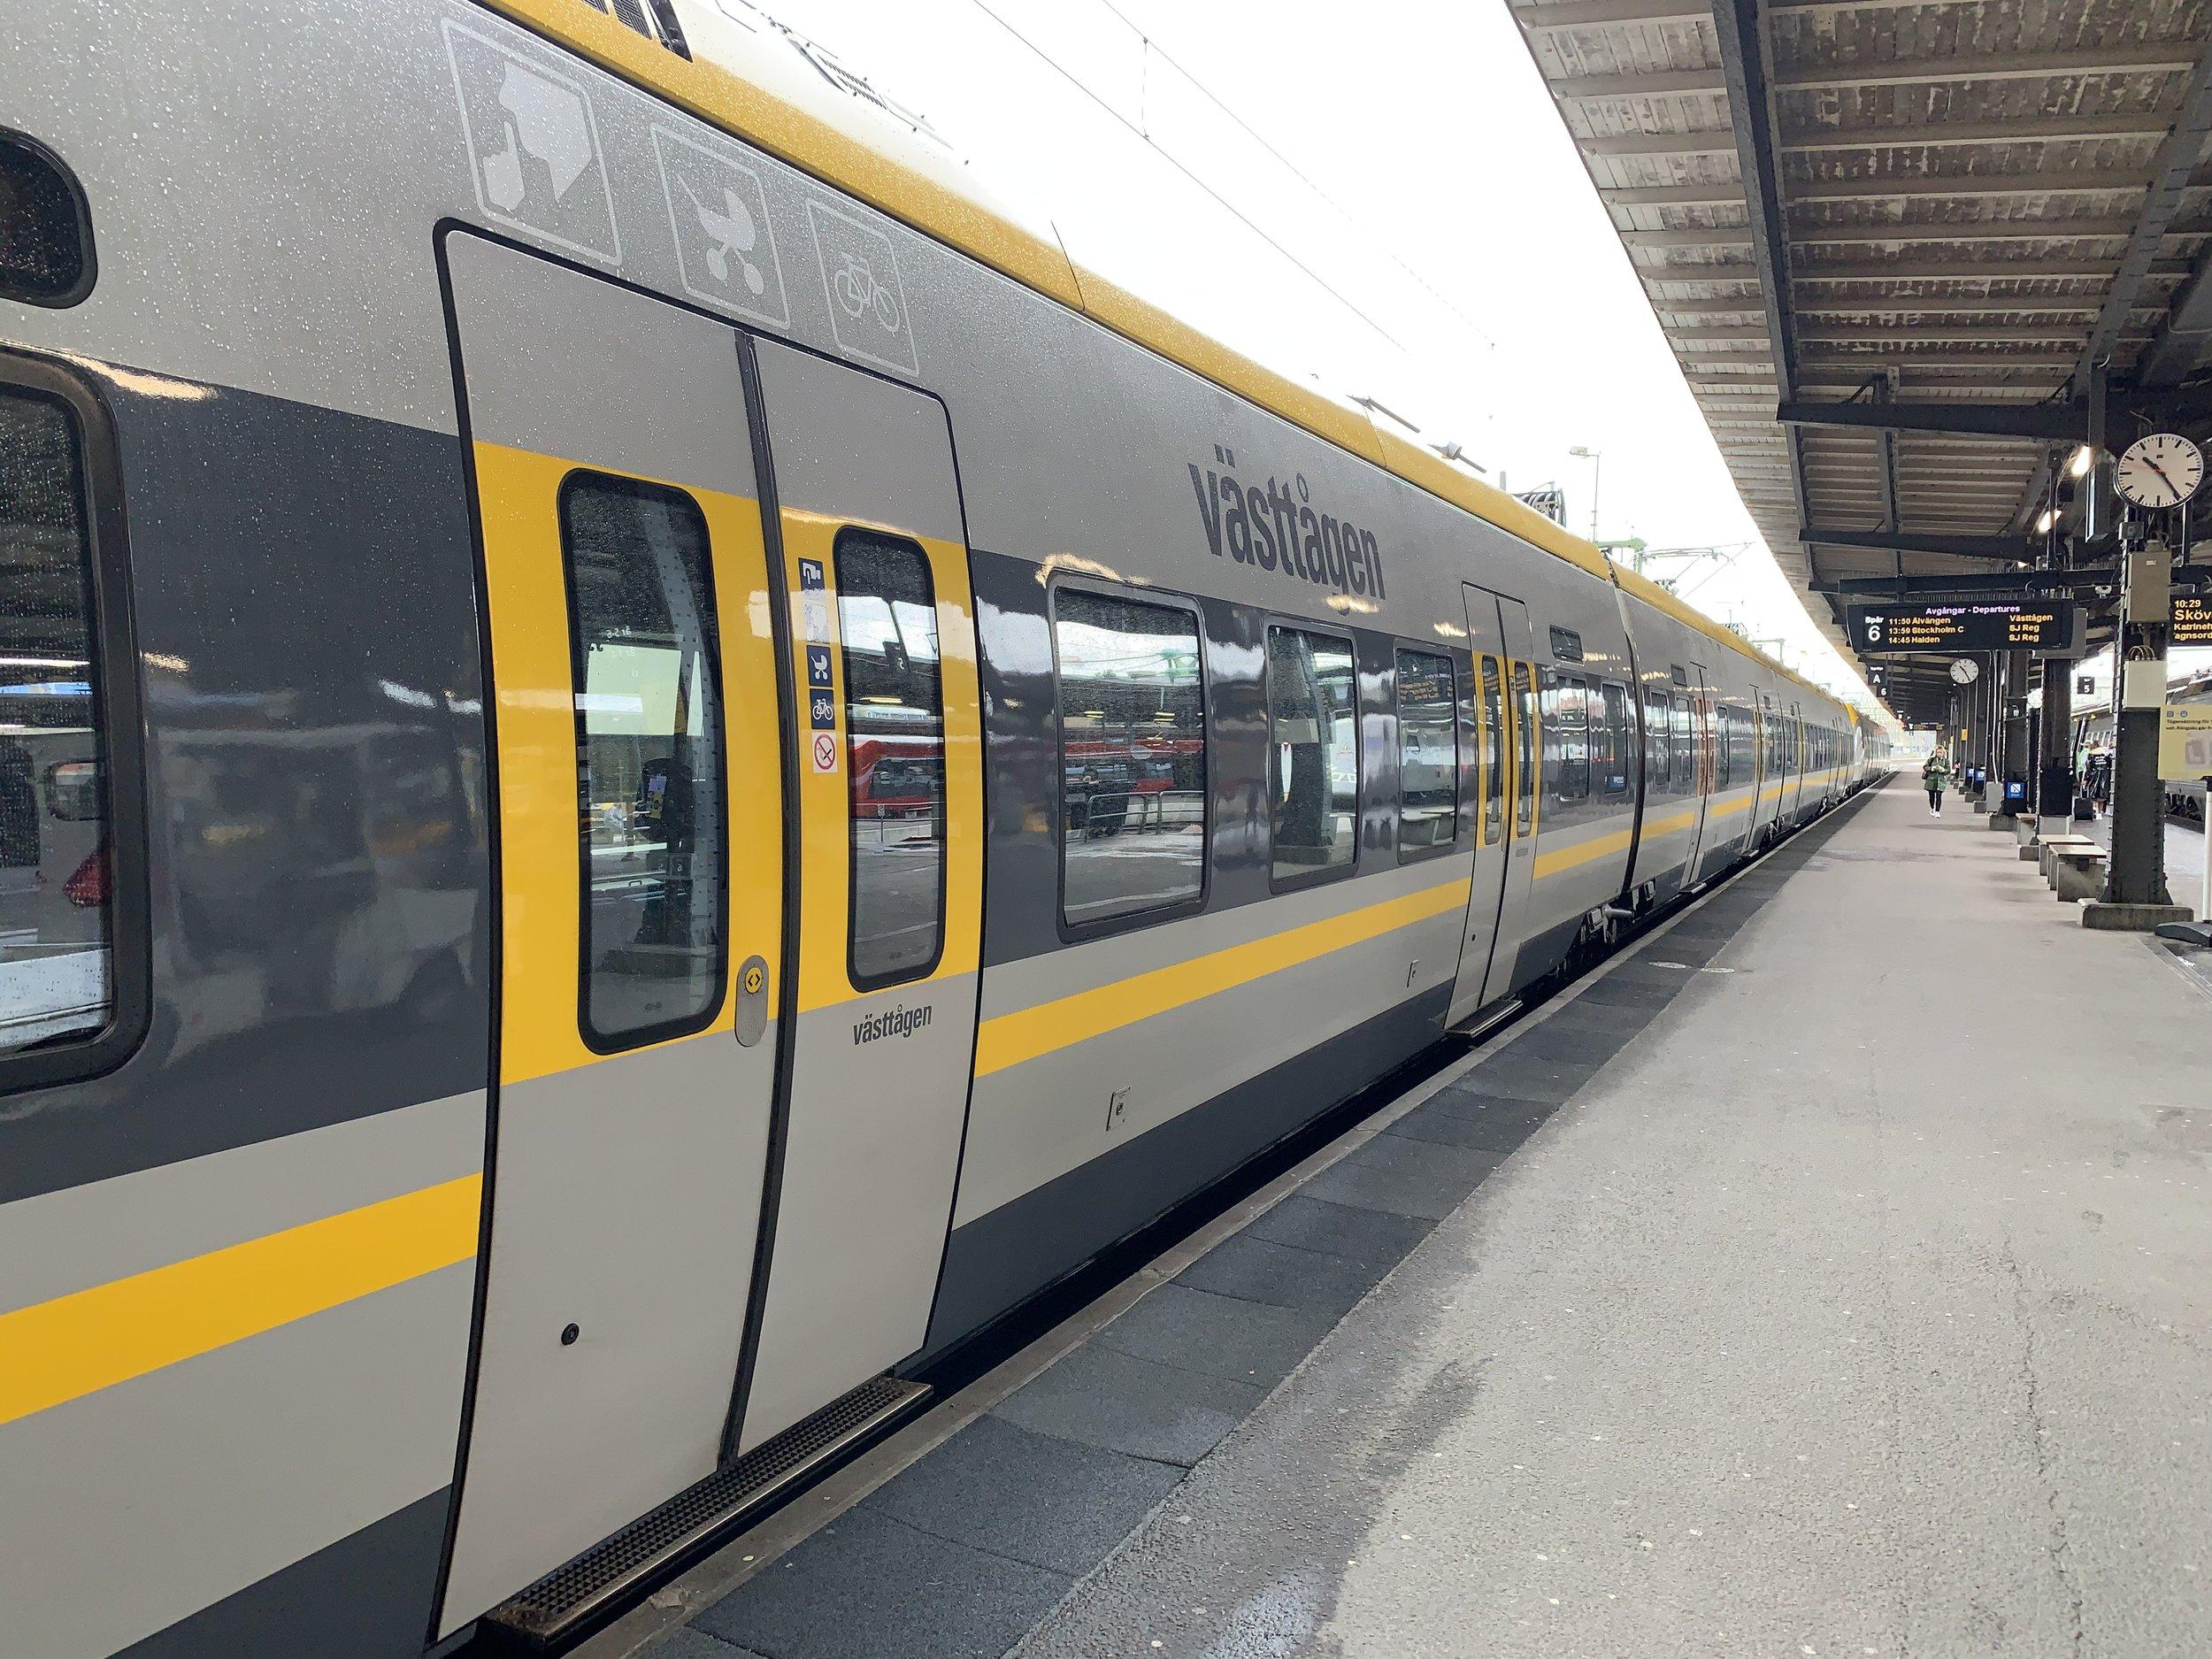 Gå på toget i Göteborg. Det er klart for turen sørover. Alle bilder: Odd Roar Lange